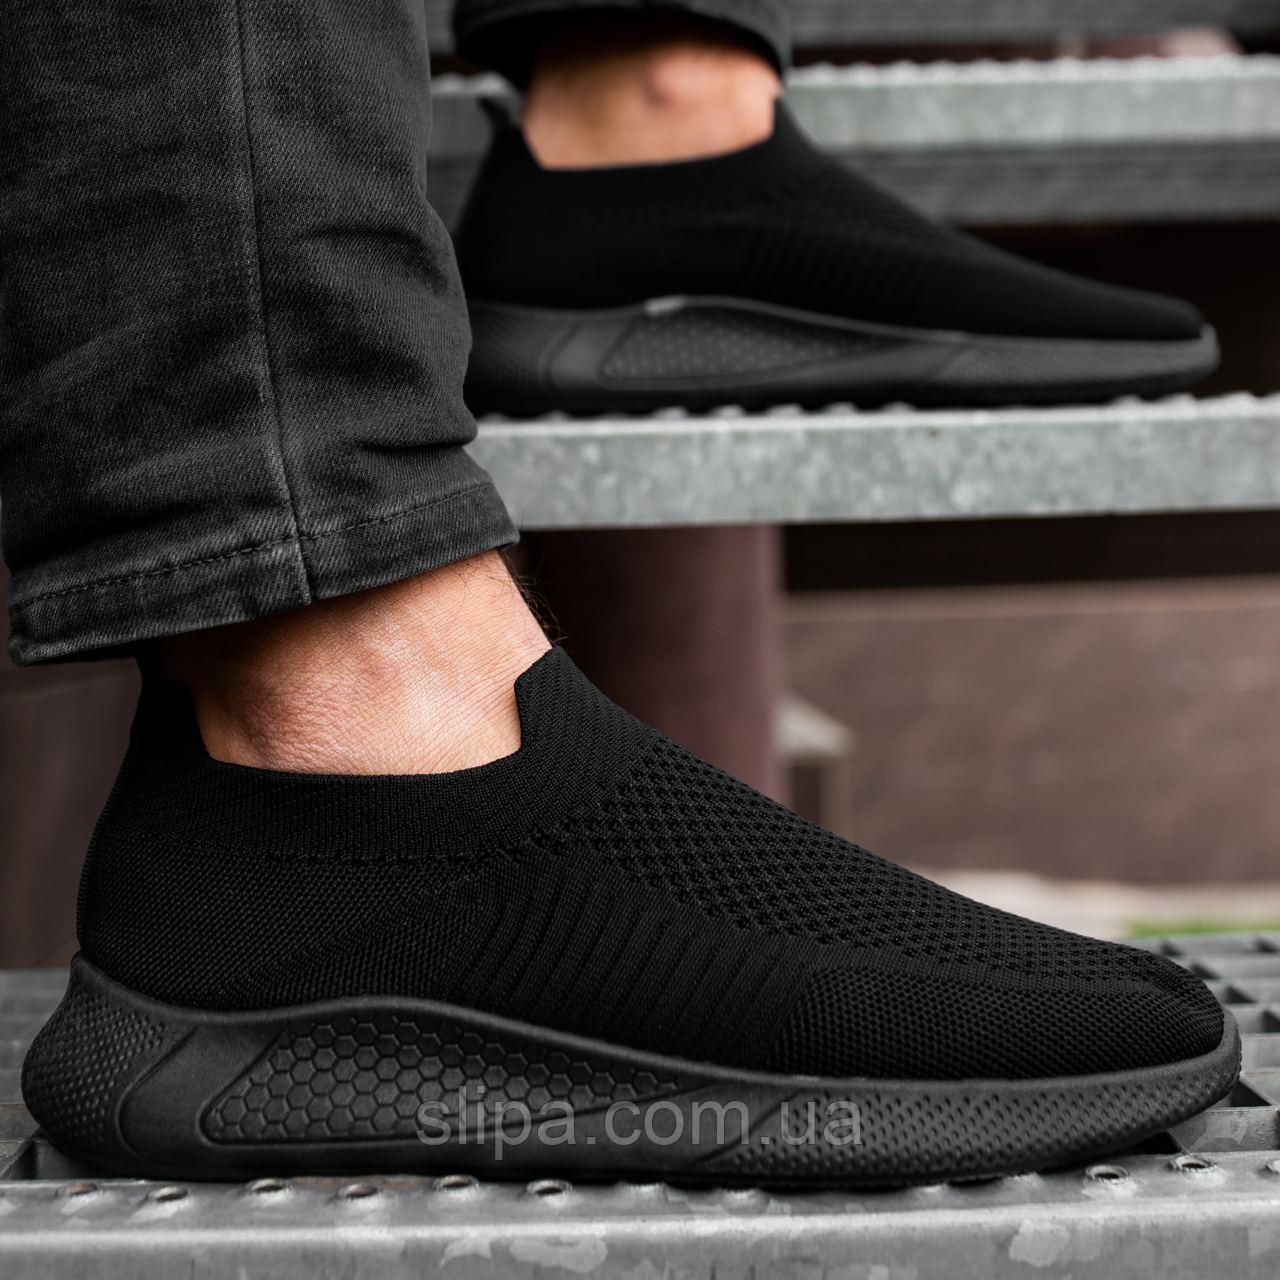 Чорні текстильні кросівки чоловічі на чорній підошві | текстиль + гума